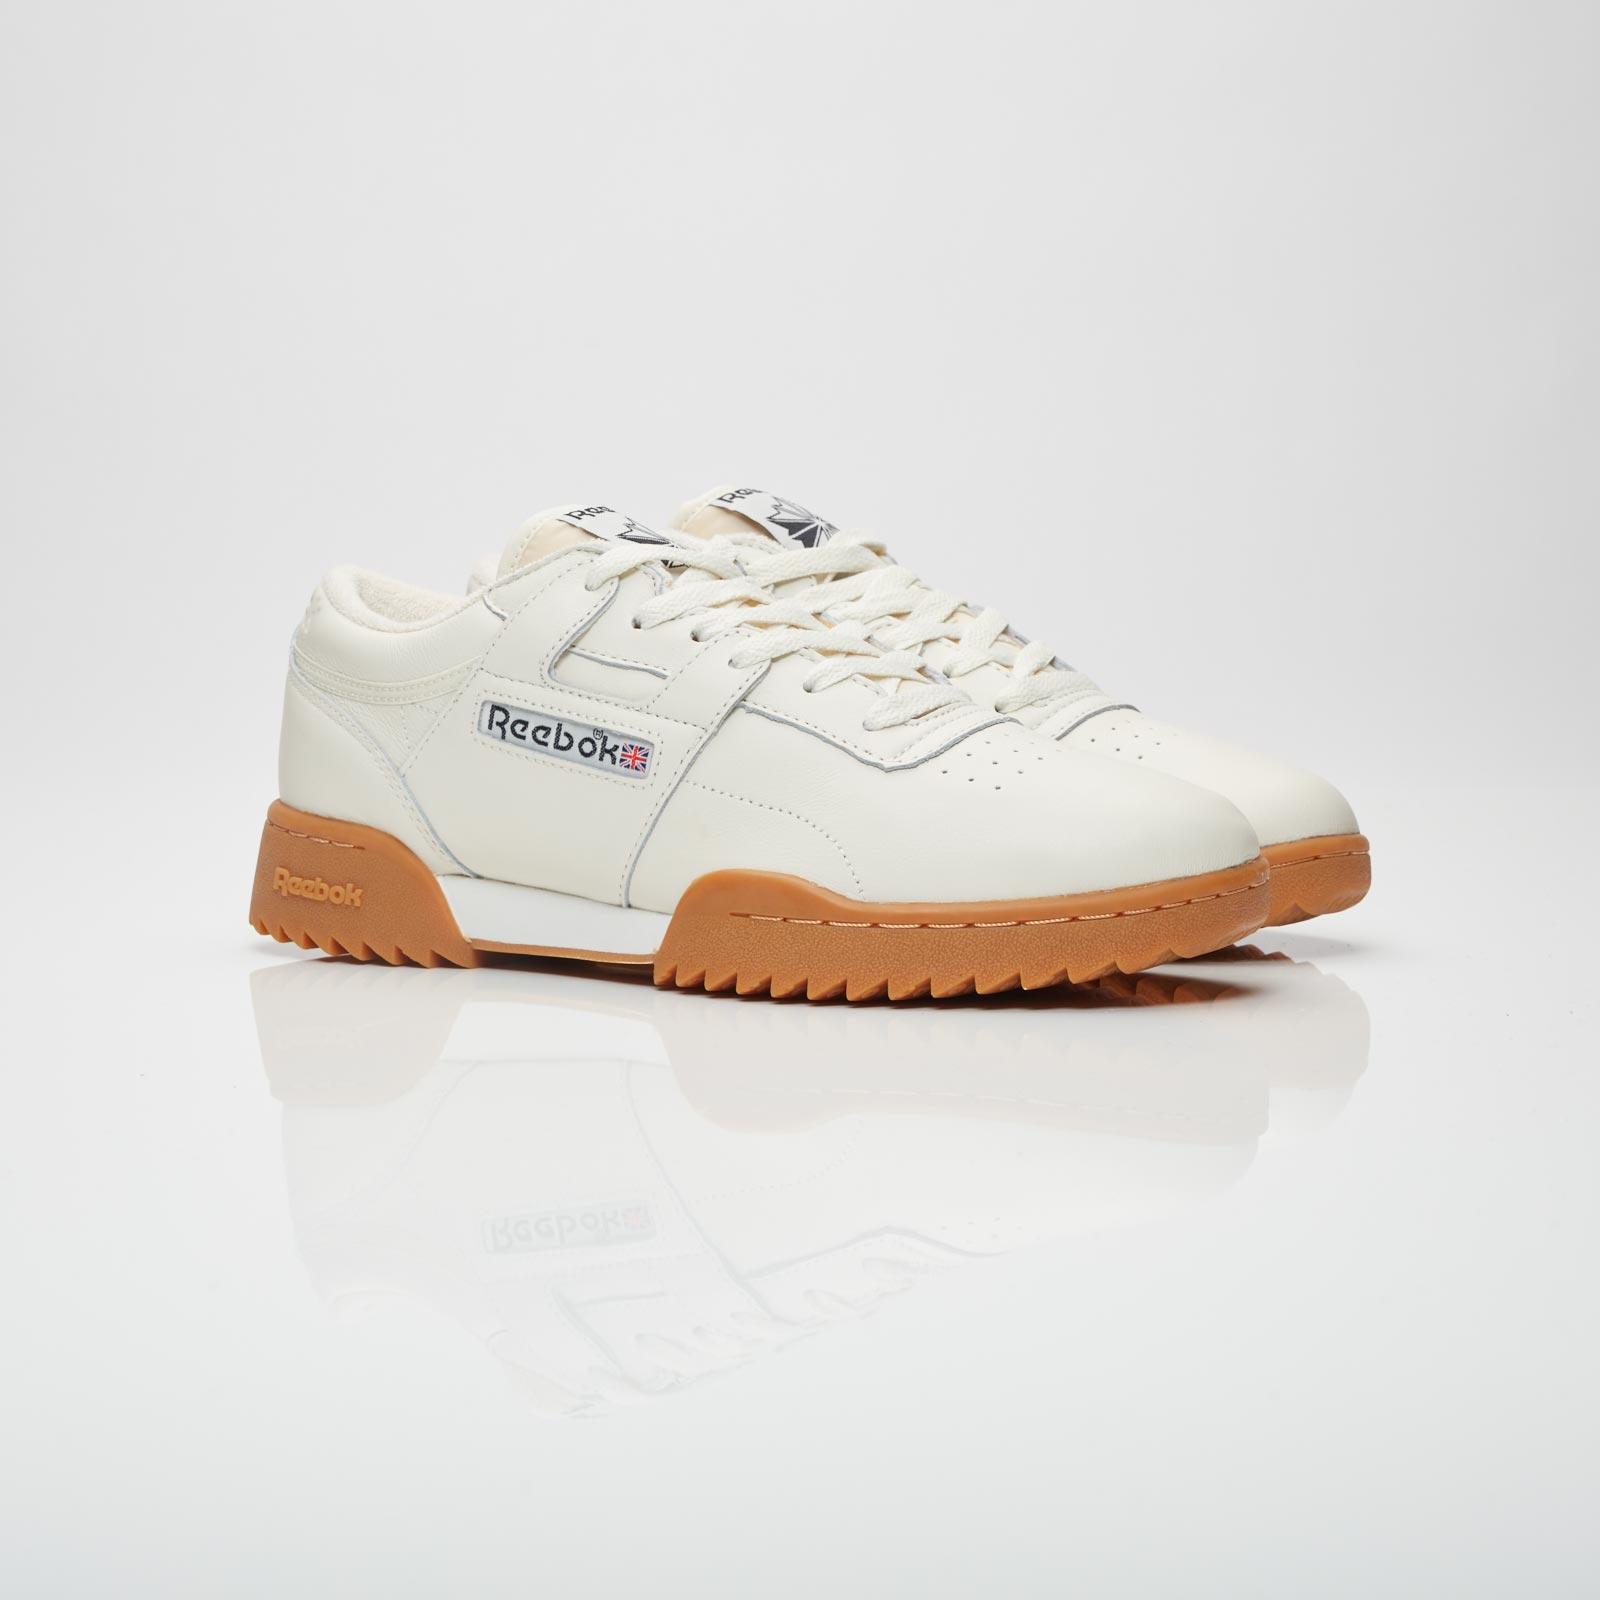 039c26c404c5 Reebok Workout Clean Ripple Vintage - Bs8929 - Sneakersnstuff ...